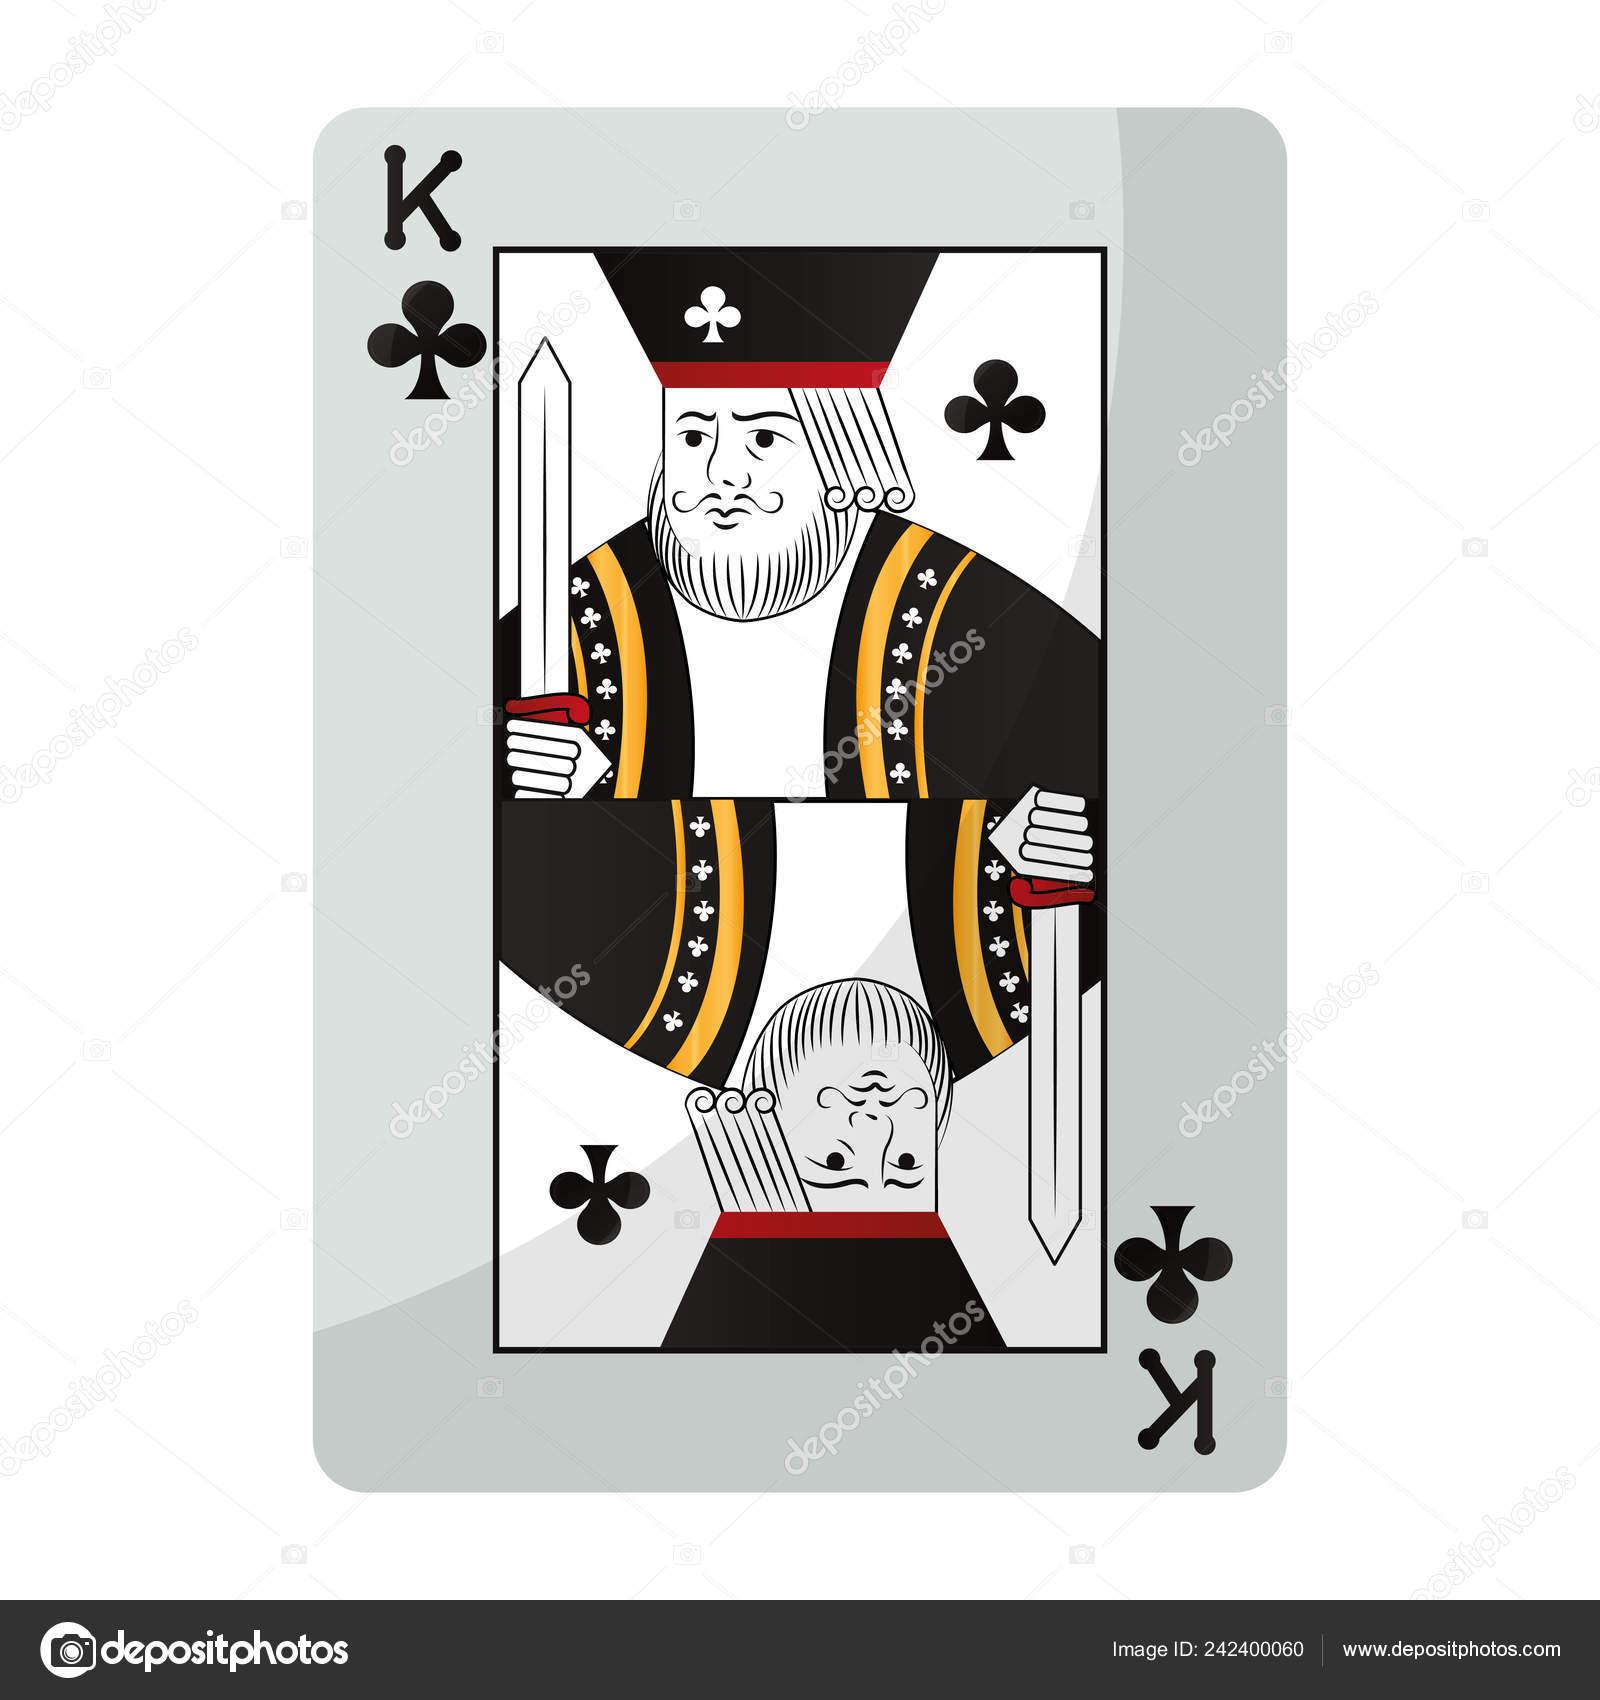 Играть в короля карт как играть в рокет лигу с друзьями на карте из мастерской